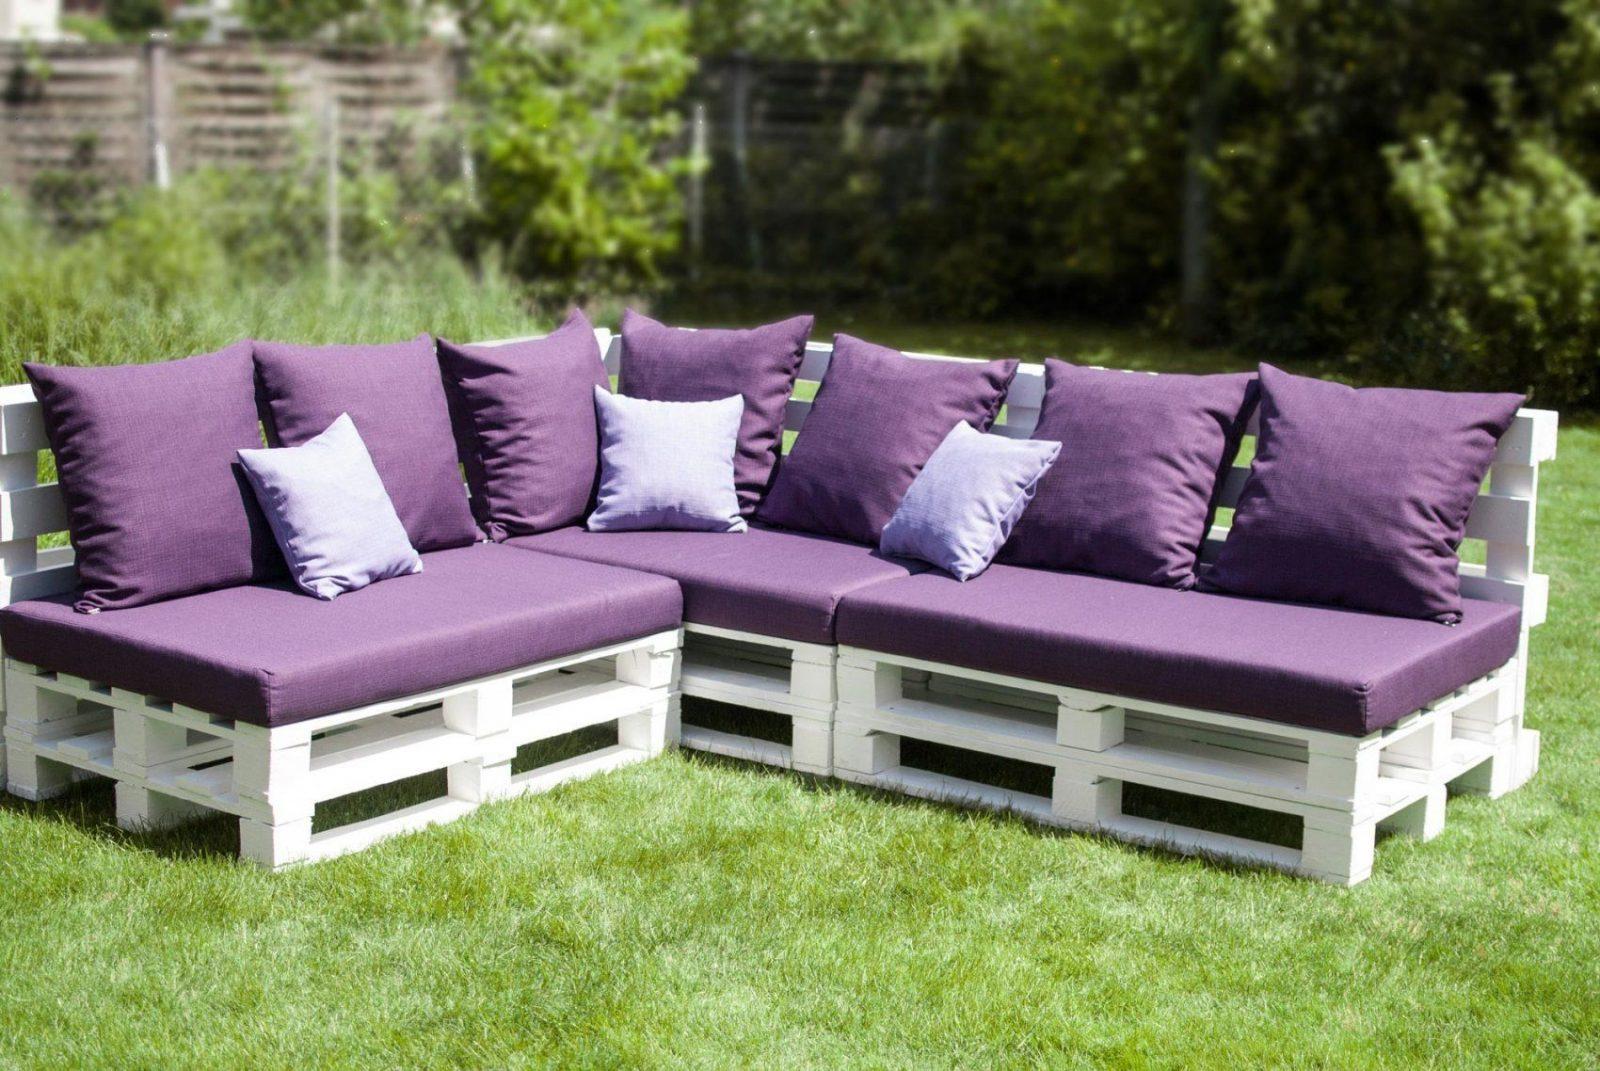 Gartenmöbel Aus Paletten Selber Bauen Anleitung My Blog Gartenmobel von Lounge Möbel Selber Bauen Anleitung Photo